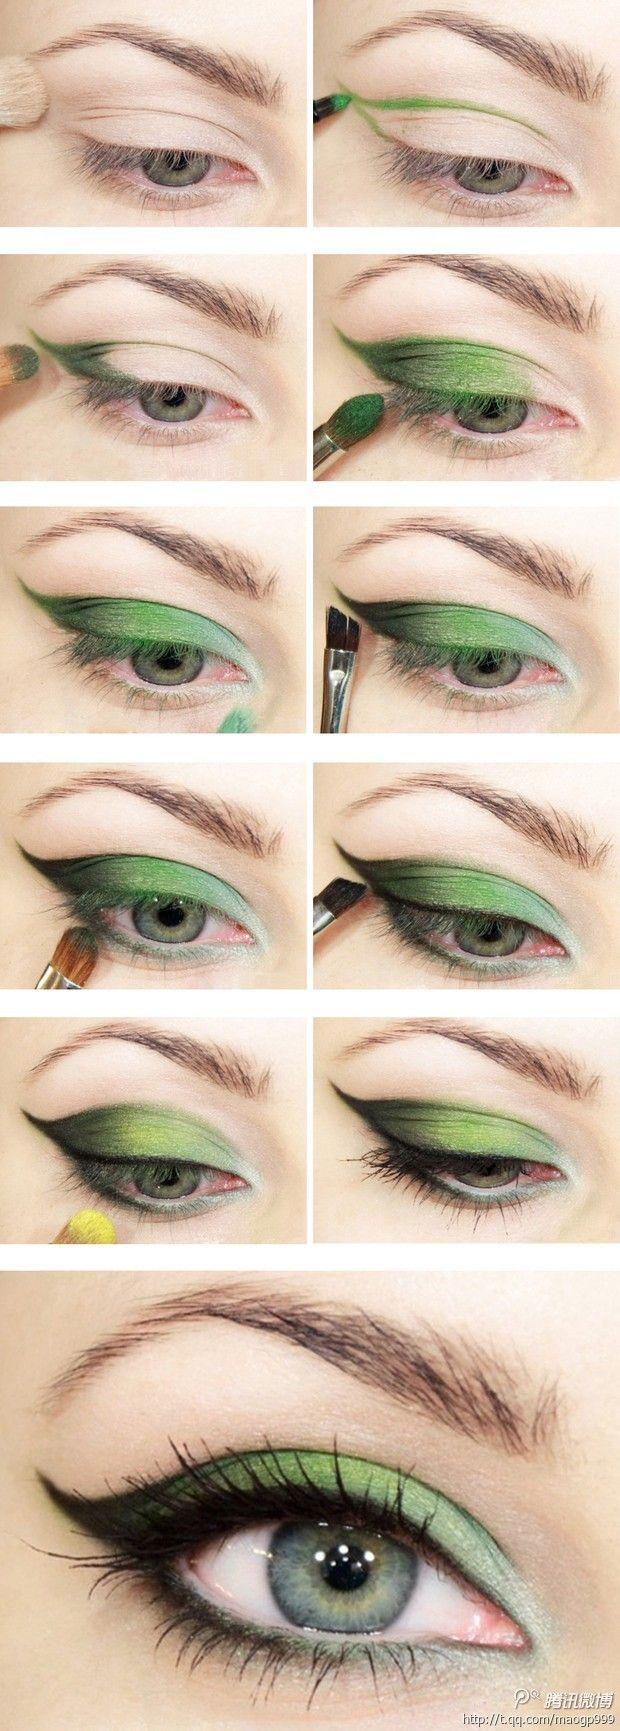 Creëer deze kleurrijke maar sensuele oogopslag met deze #eye #make-up #howto